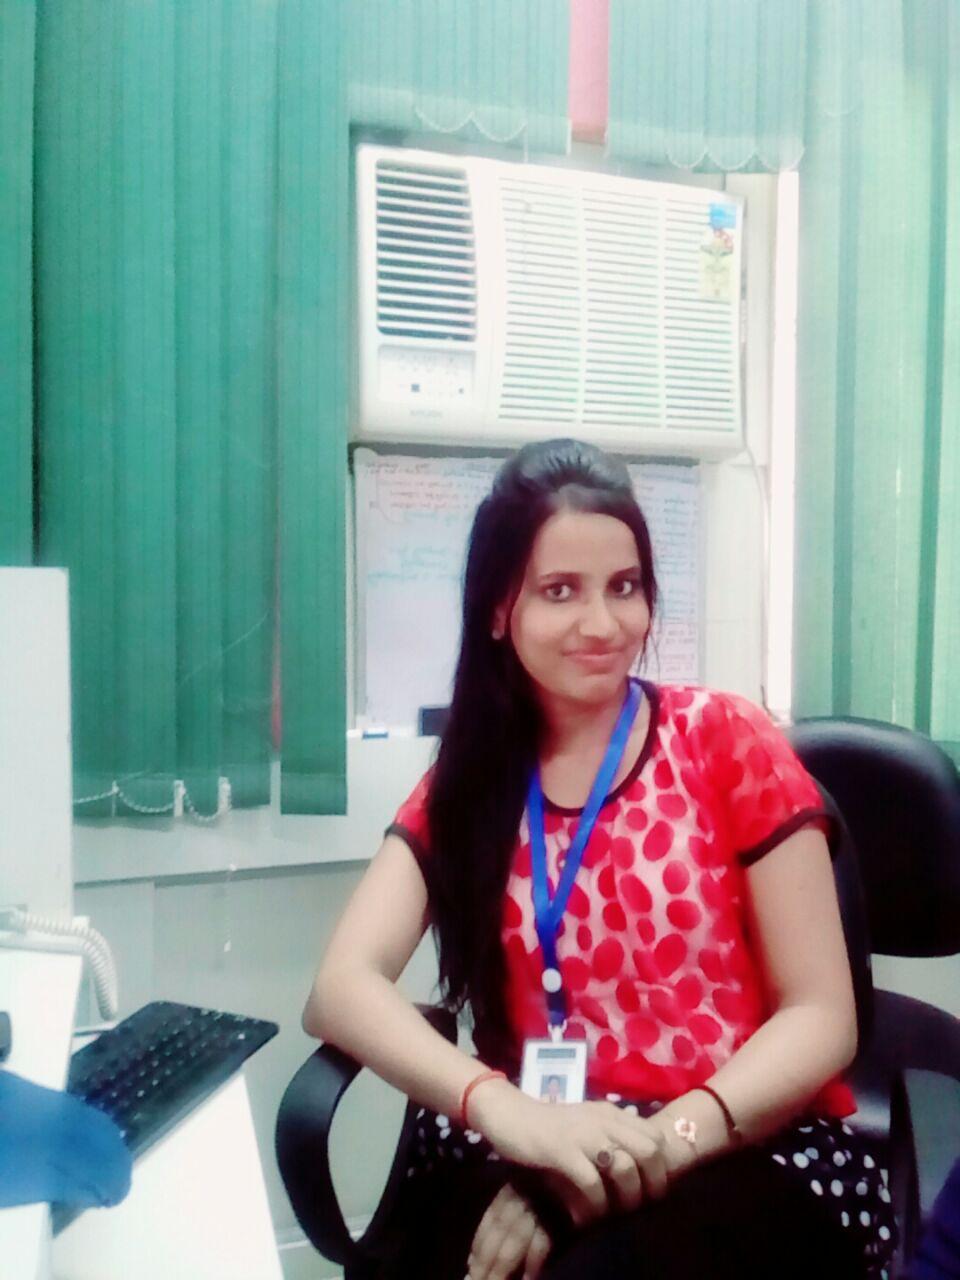 crpc 188 in hindi